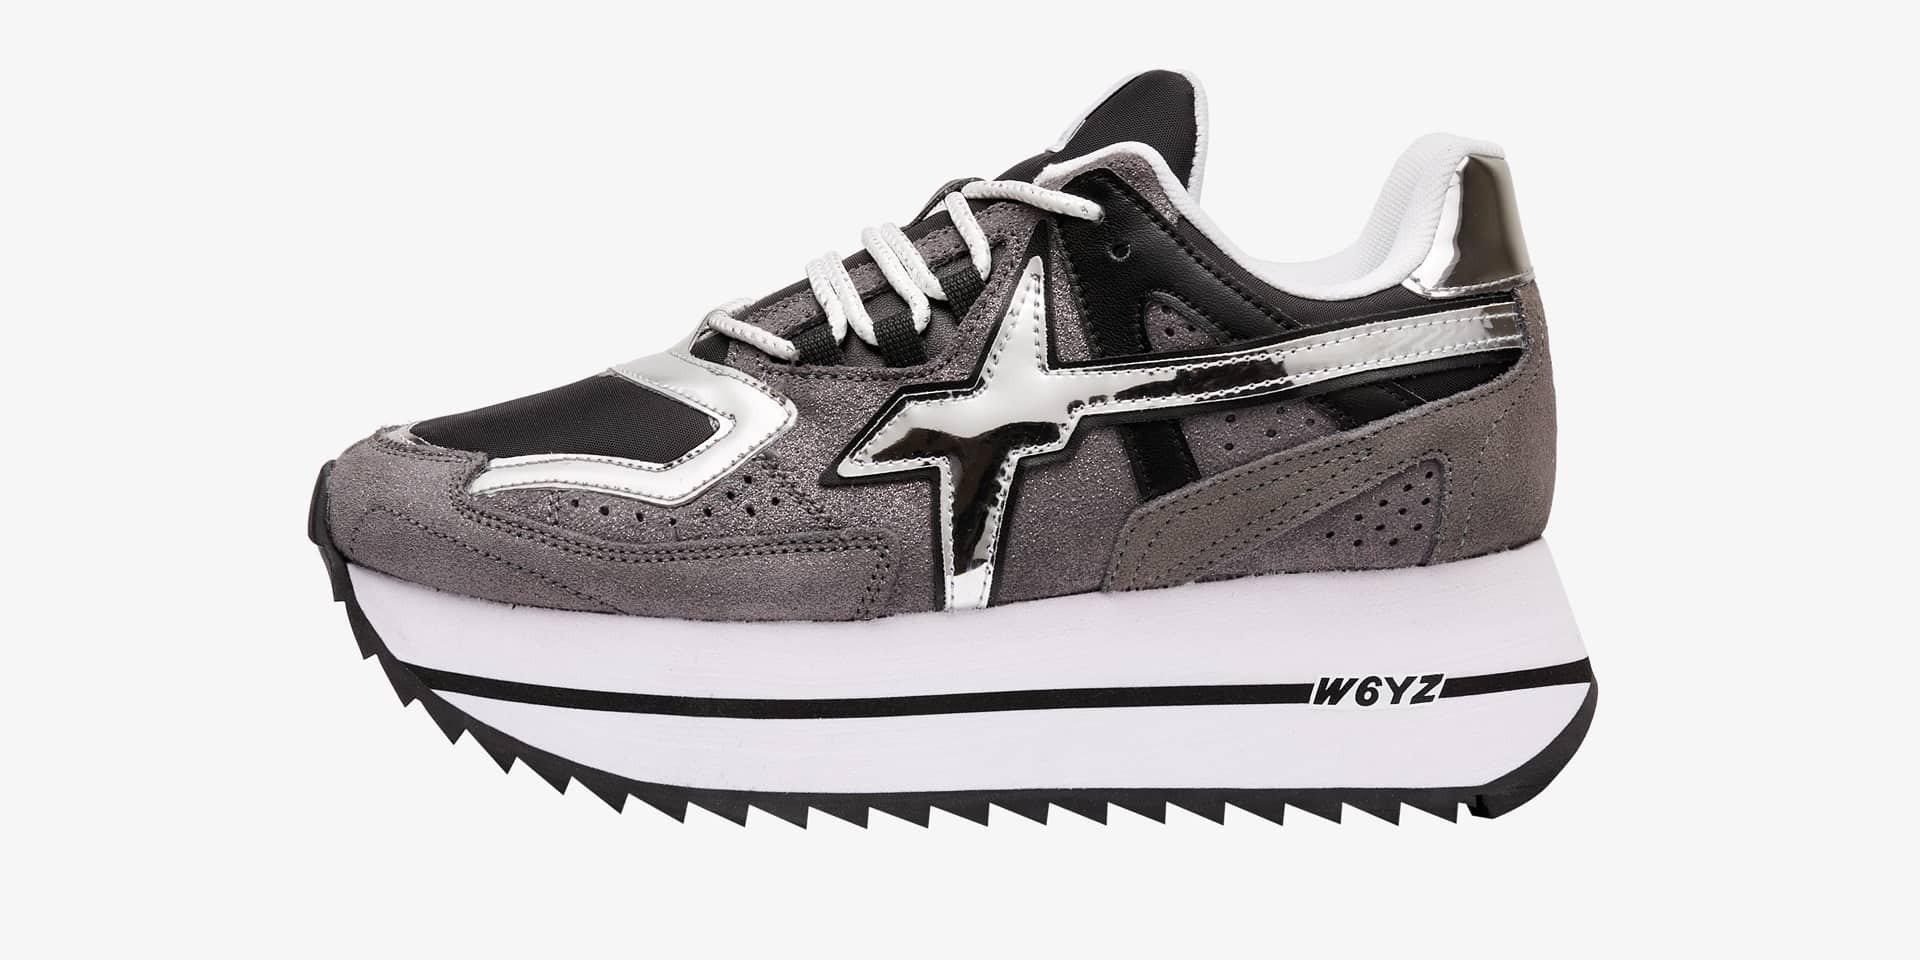 DEB-W. - Sneaker in tessuto tecnico, suede e glitter - Grigio